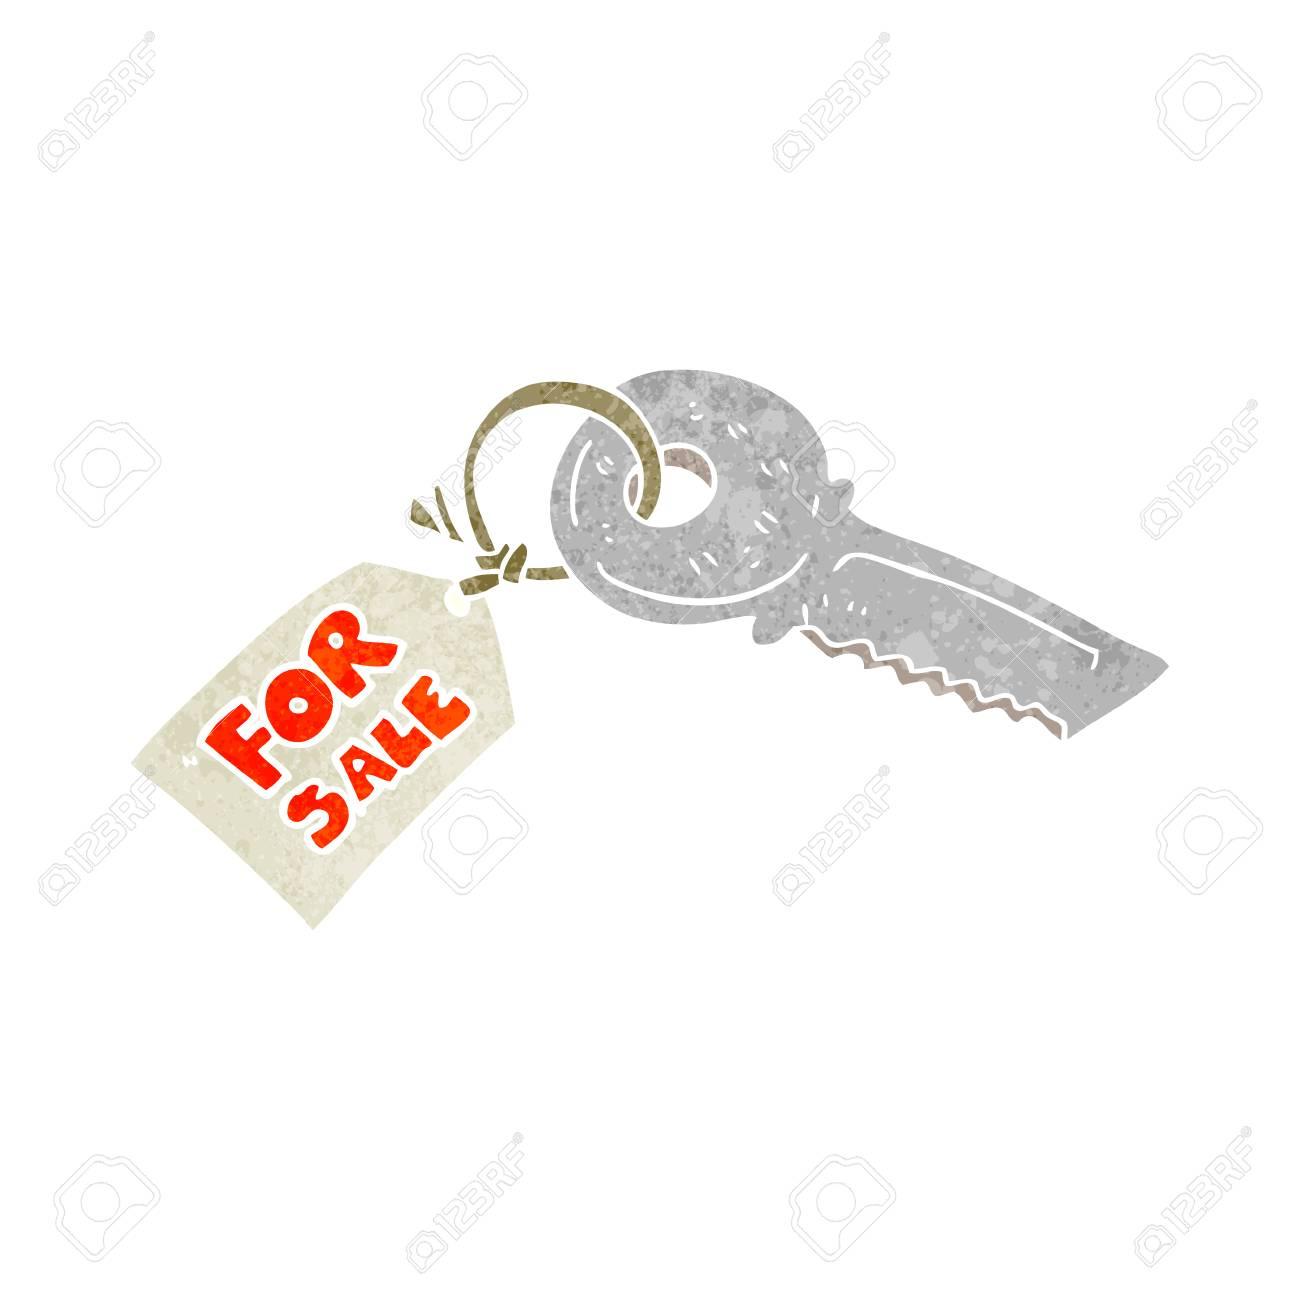 Banque dimages freehand clé de la maison de dessin animé rétro avec vente tag